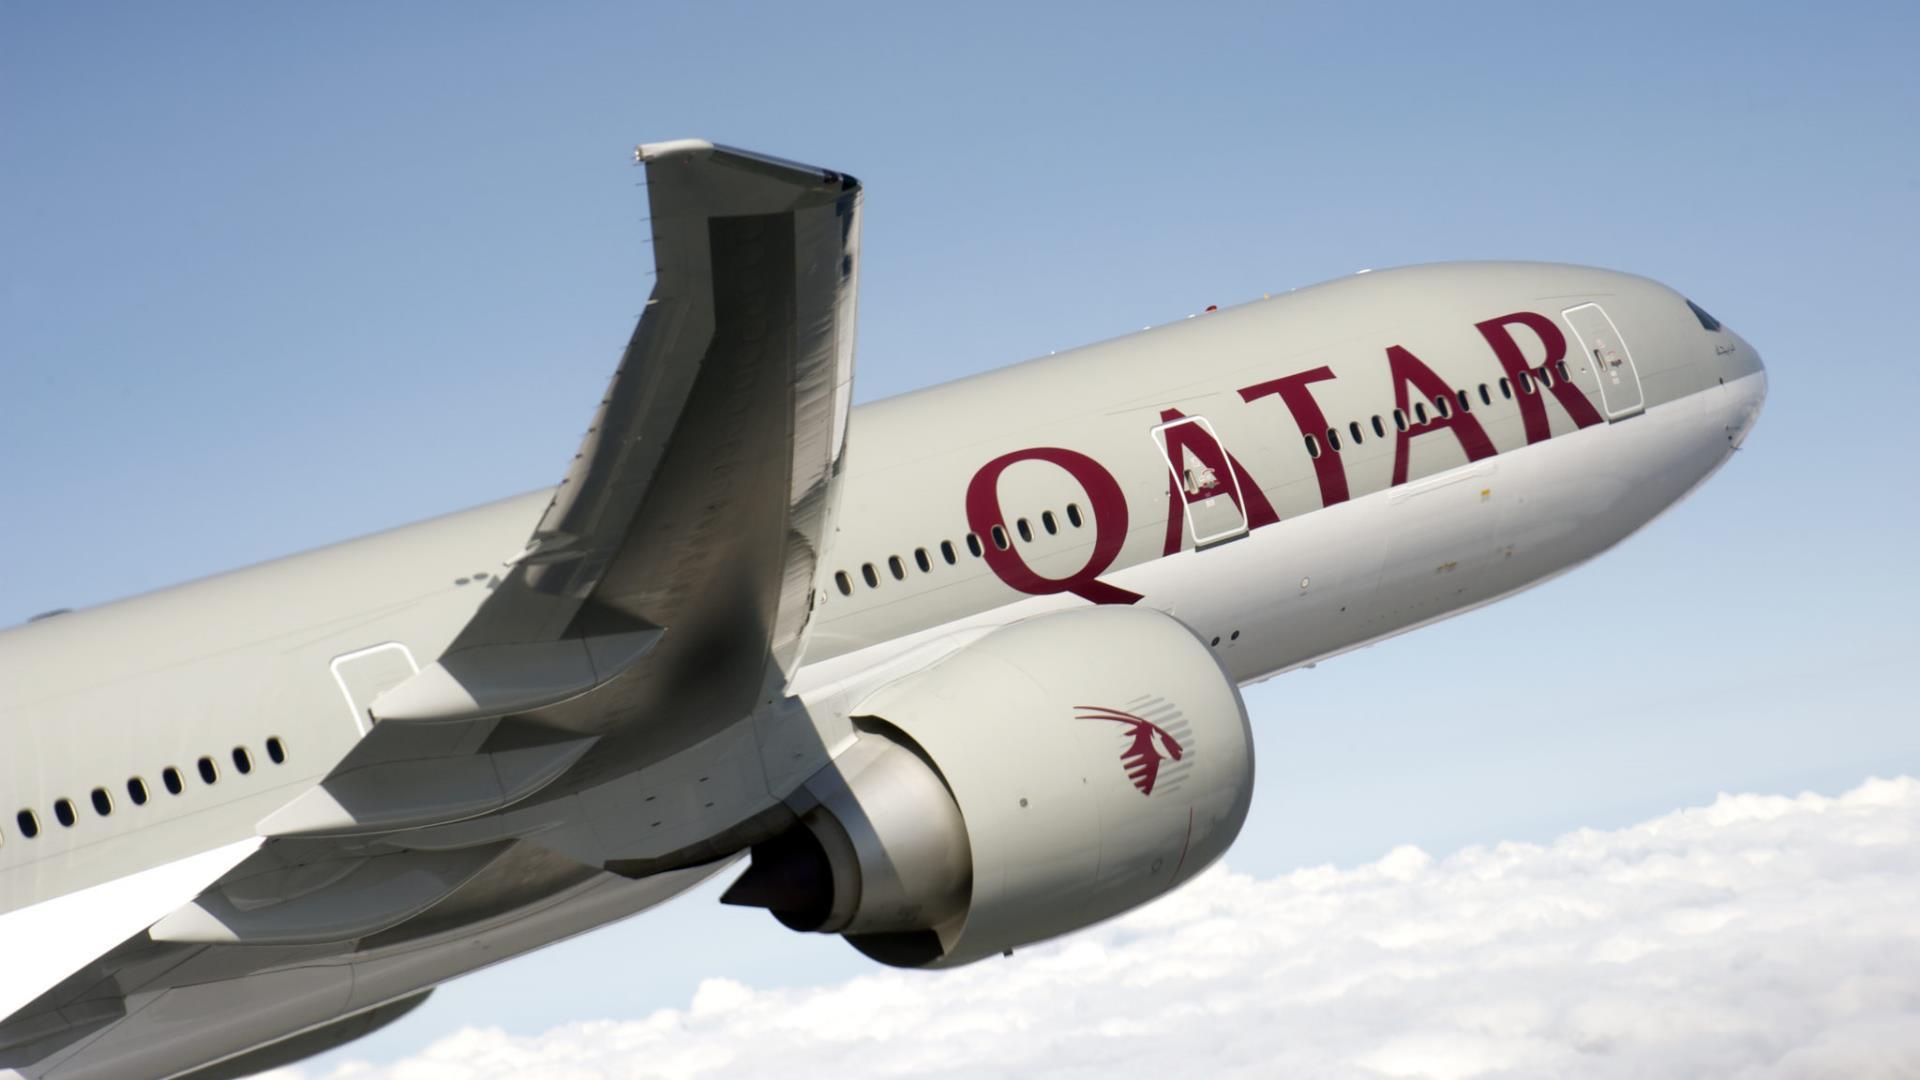 Qatar Airways ofrece hoteles de lujo gratis a quienes hagan stopover en Doha